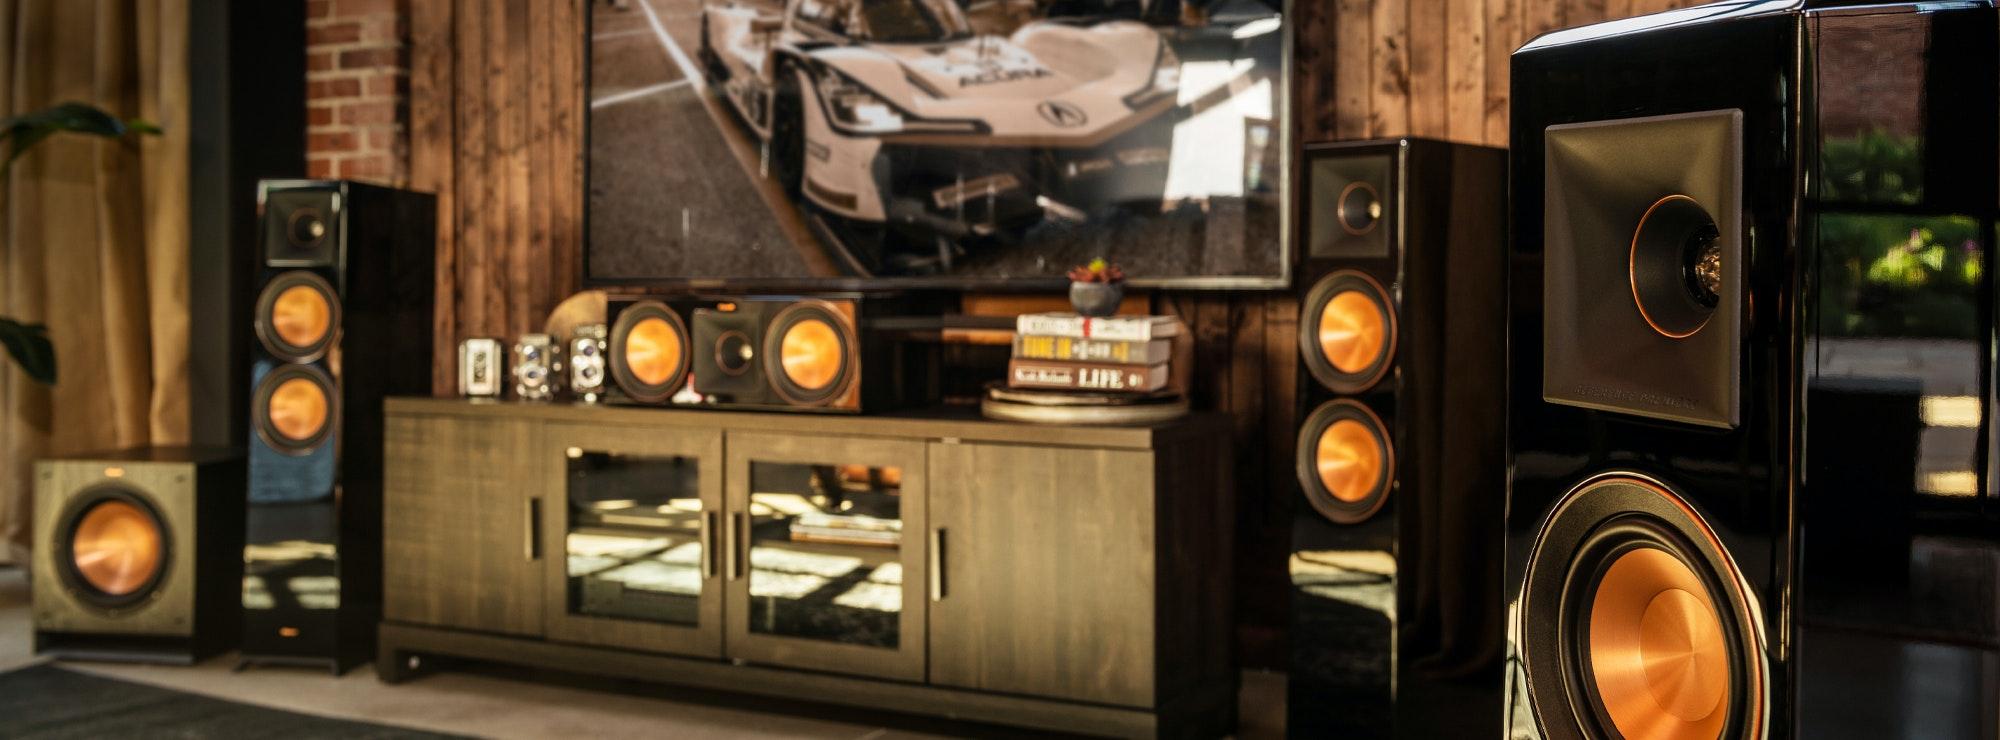 Klipsch reference premiere surround speaker system